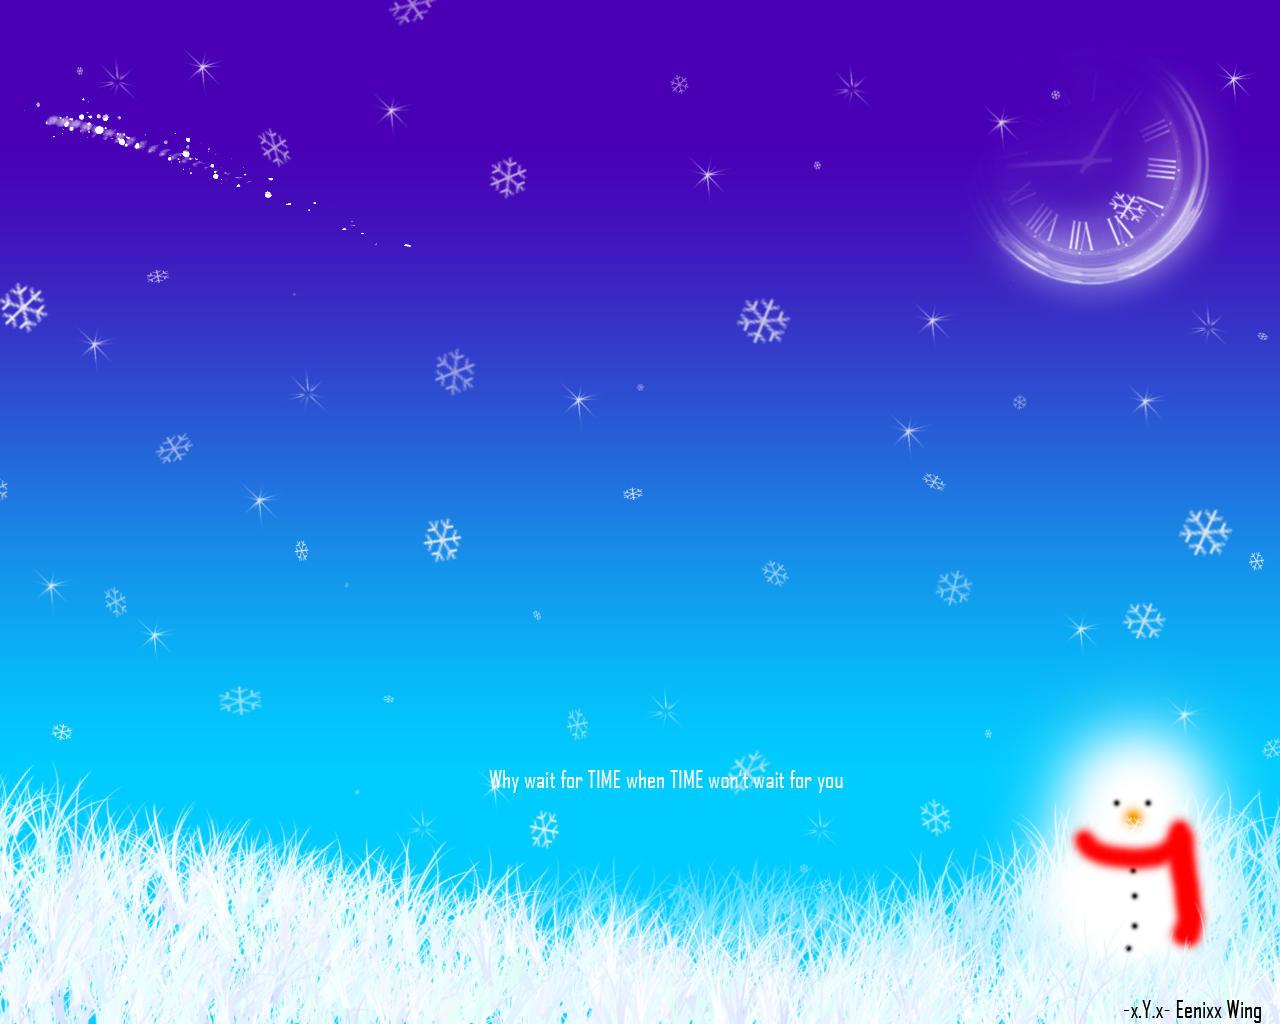 Time - Winter by Yao-Yao